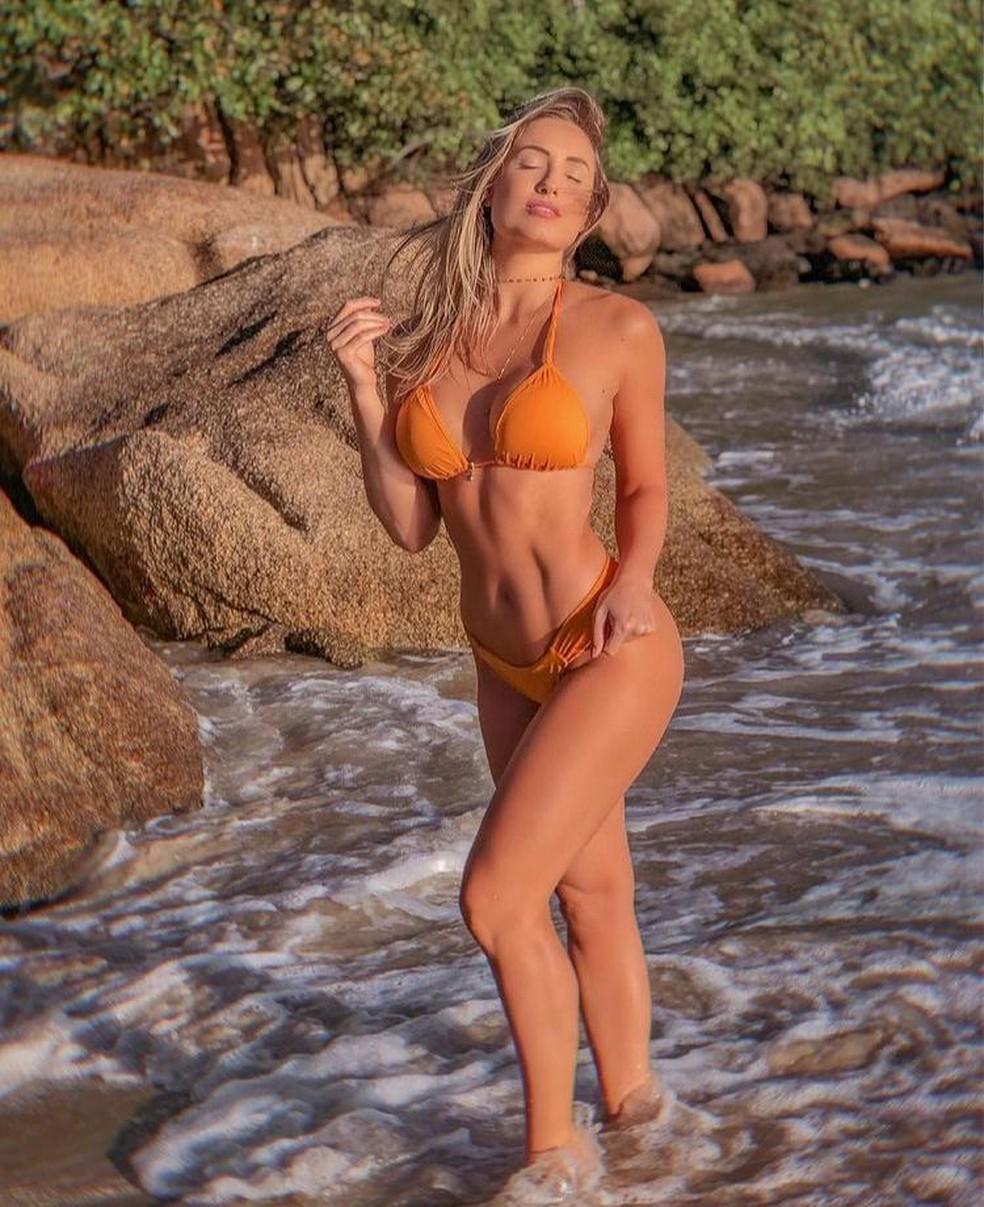 Jéssica compartilhou em sua rede social um clique recente da sua forma física — Foto: Reprodução/Instagram